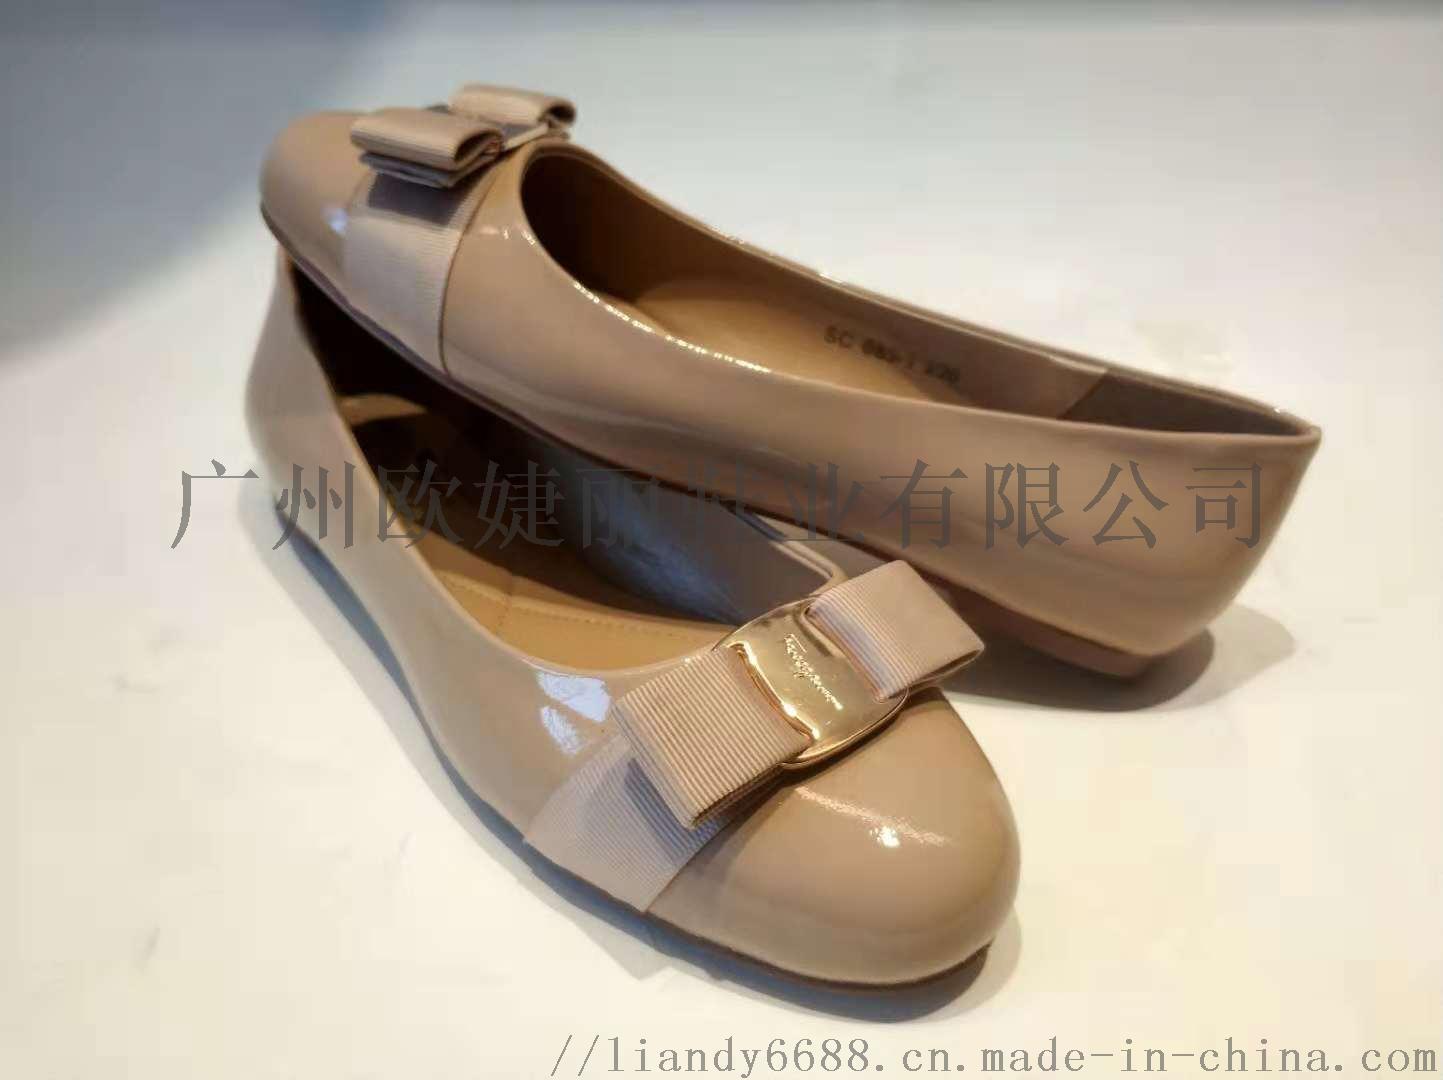 高端定制女鞋 广州鞋厂加工鞋 定做时尚鞋777282072